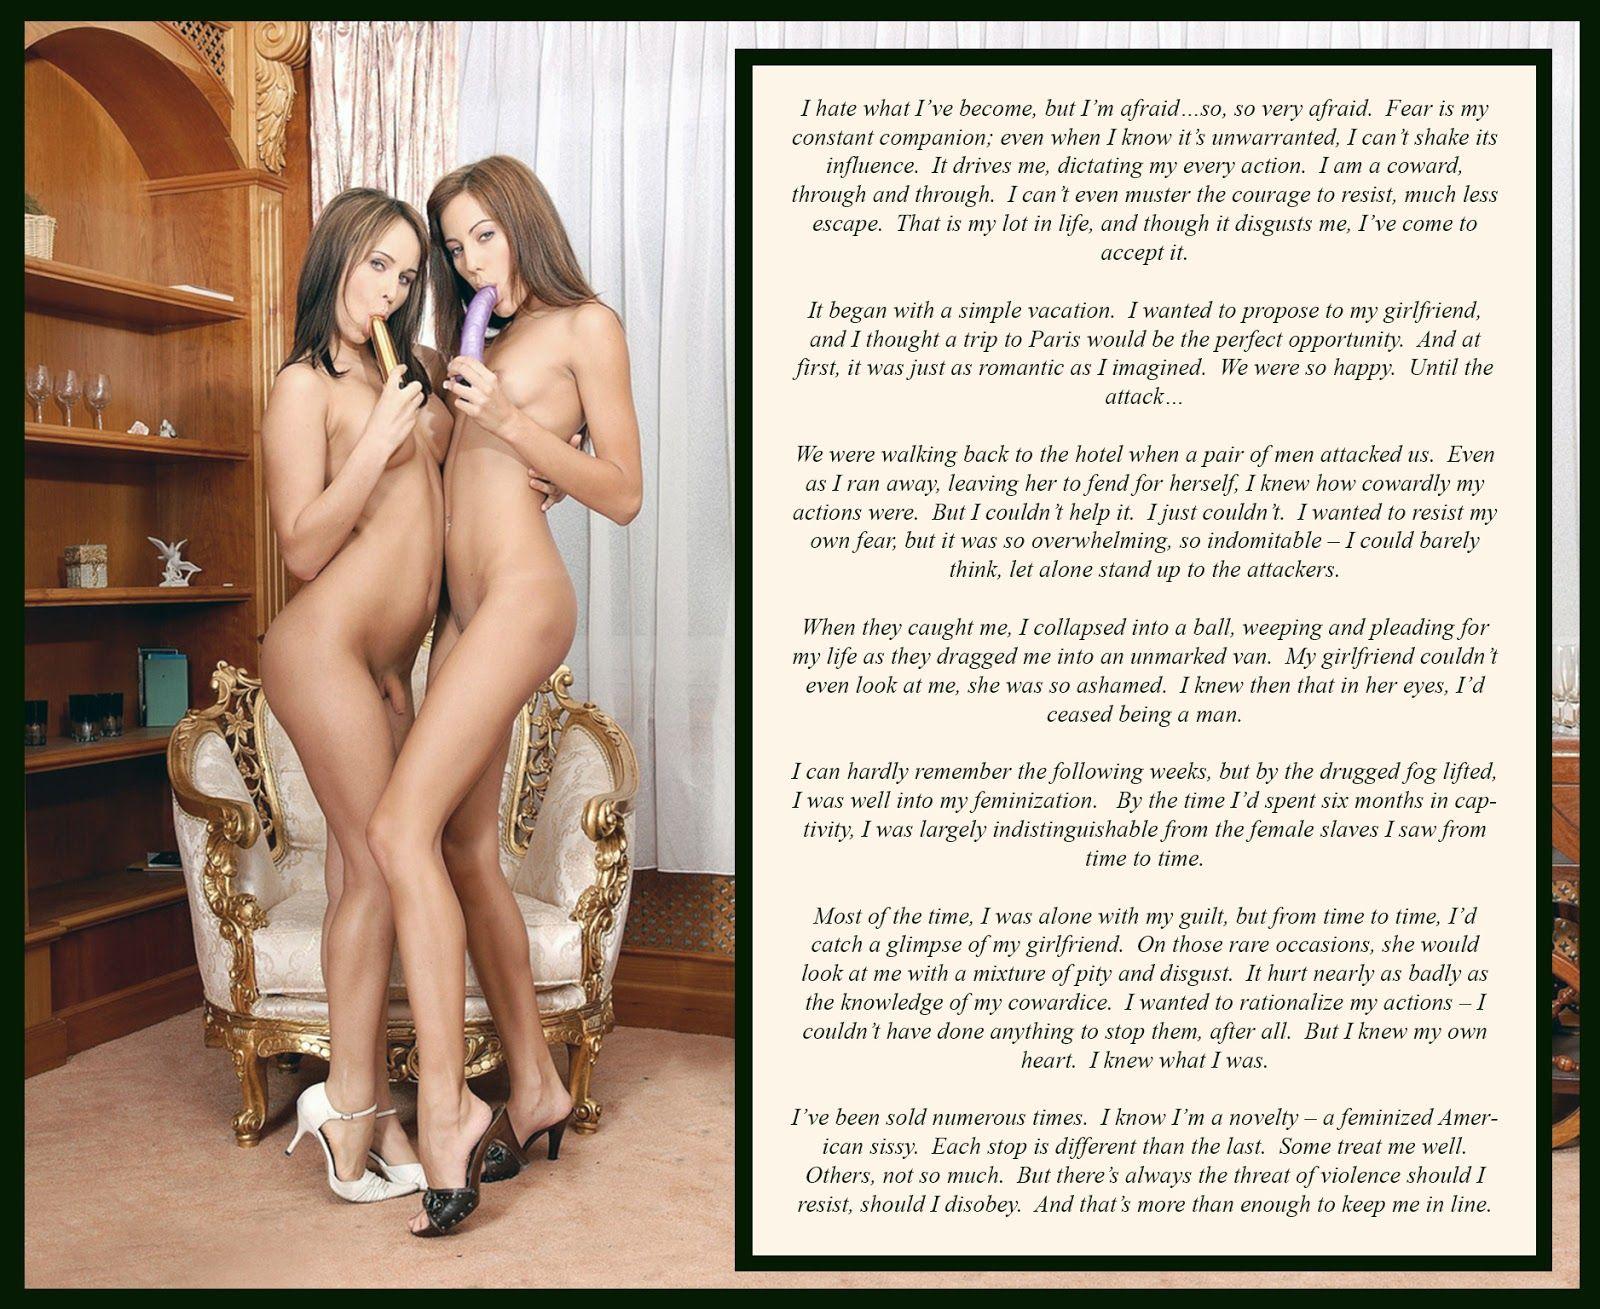 The erotic museum